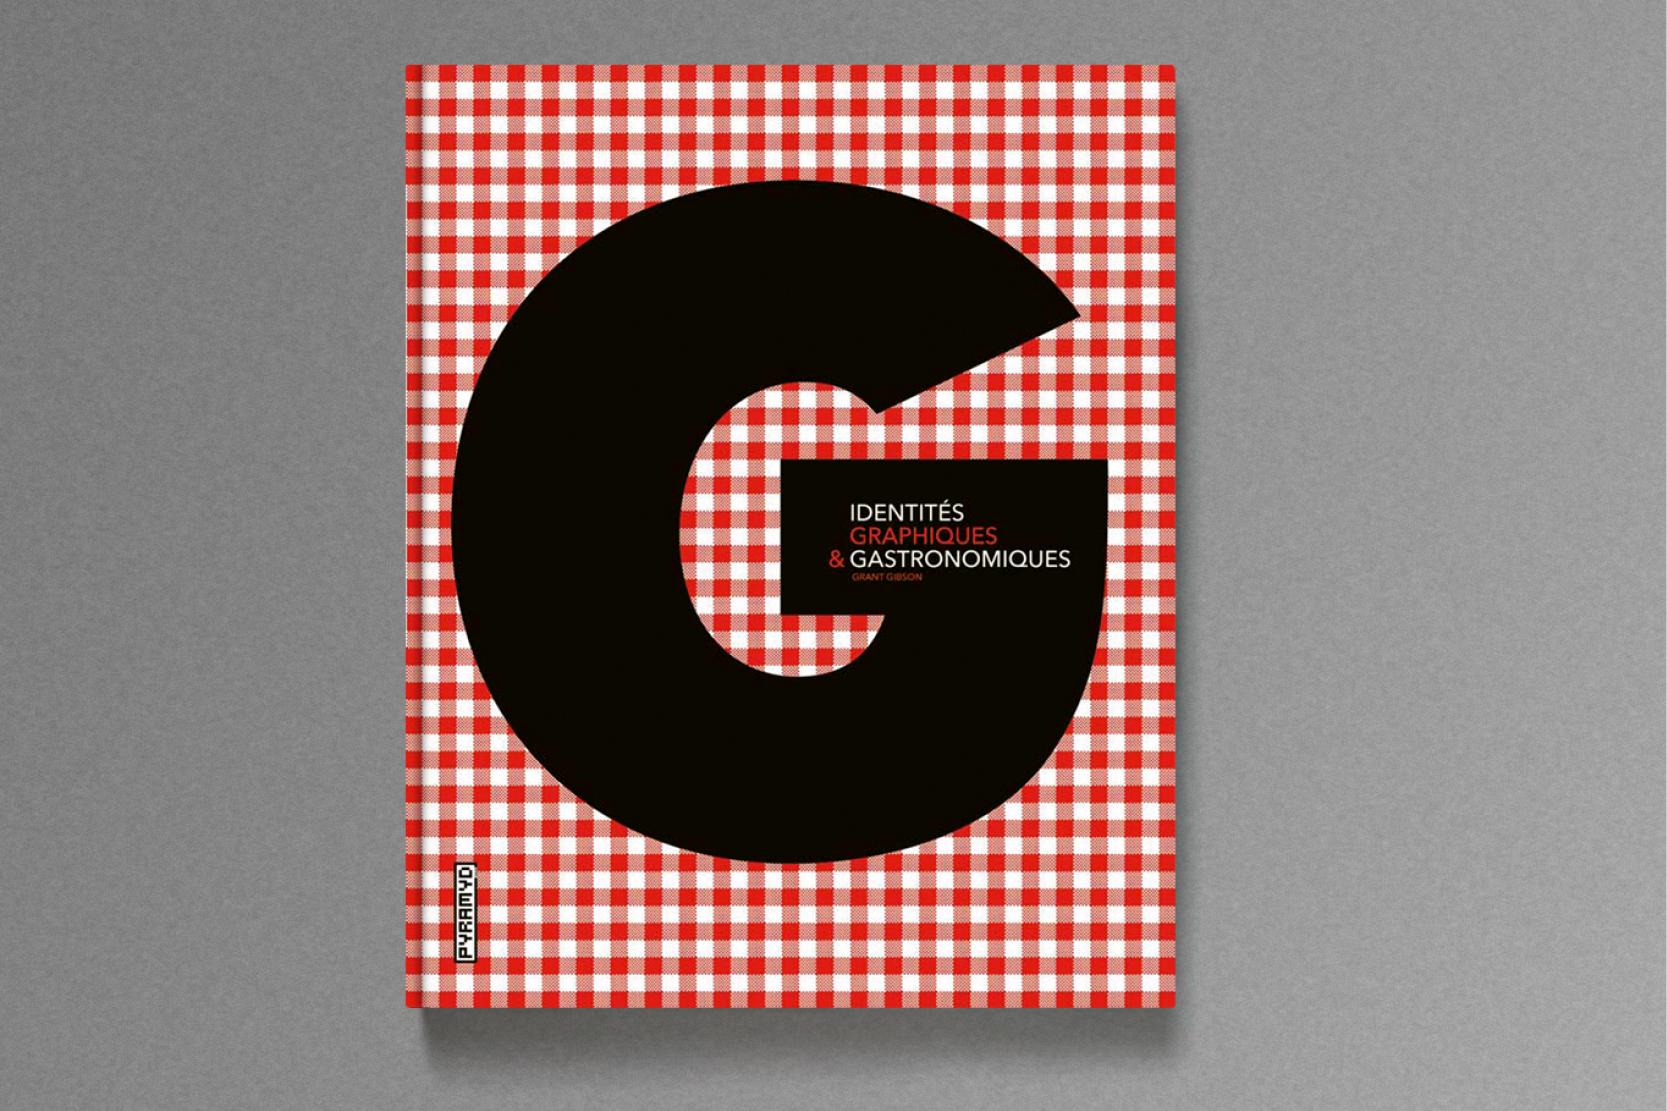 Identités graphiques et gastronomiques ,Editions Pyramid .